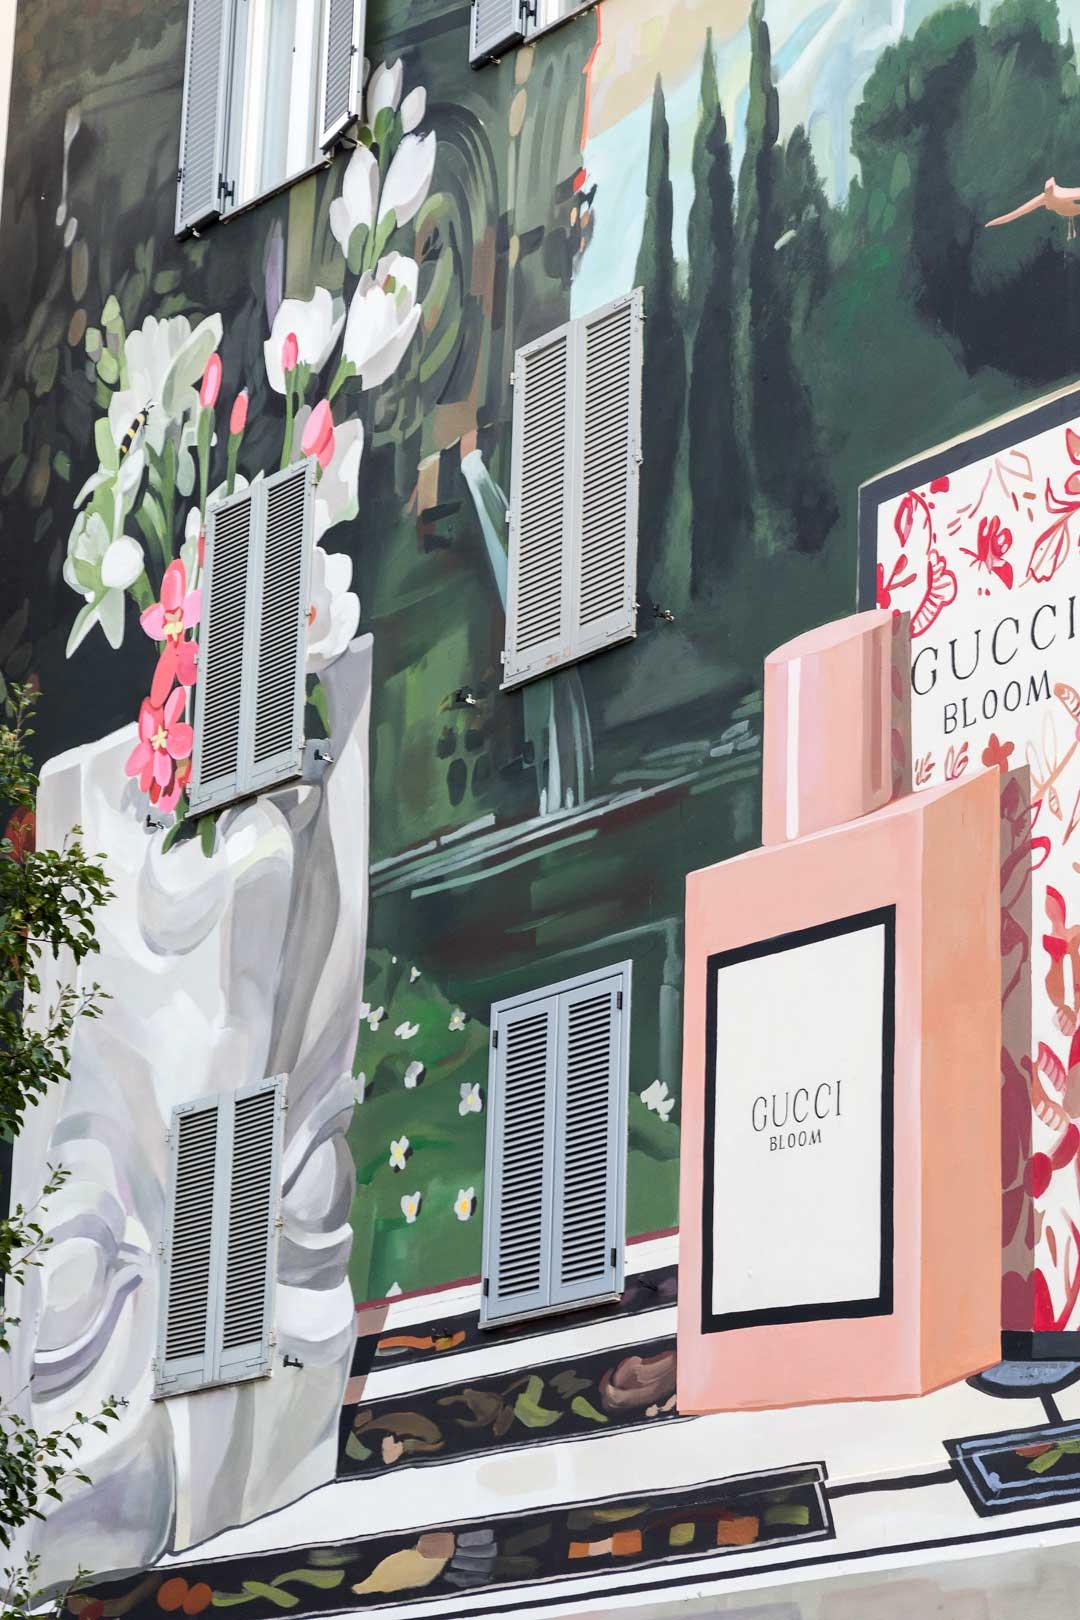 Gucci Art Wall